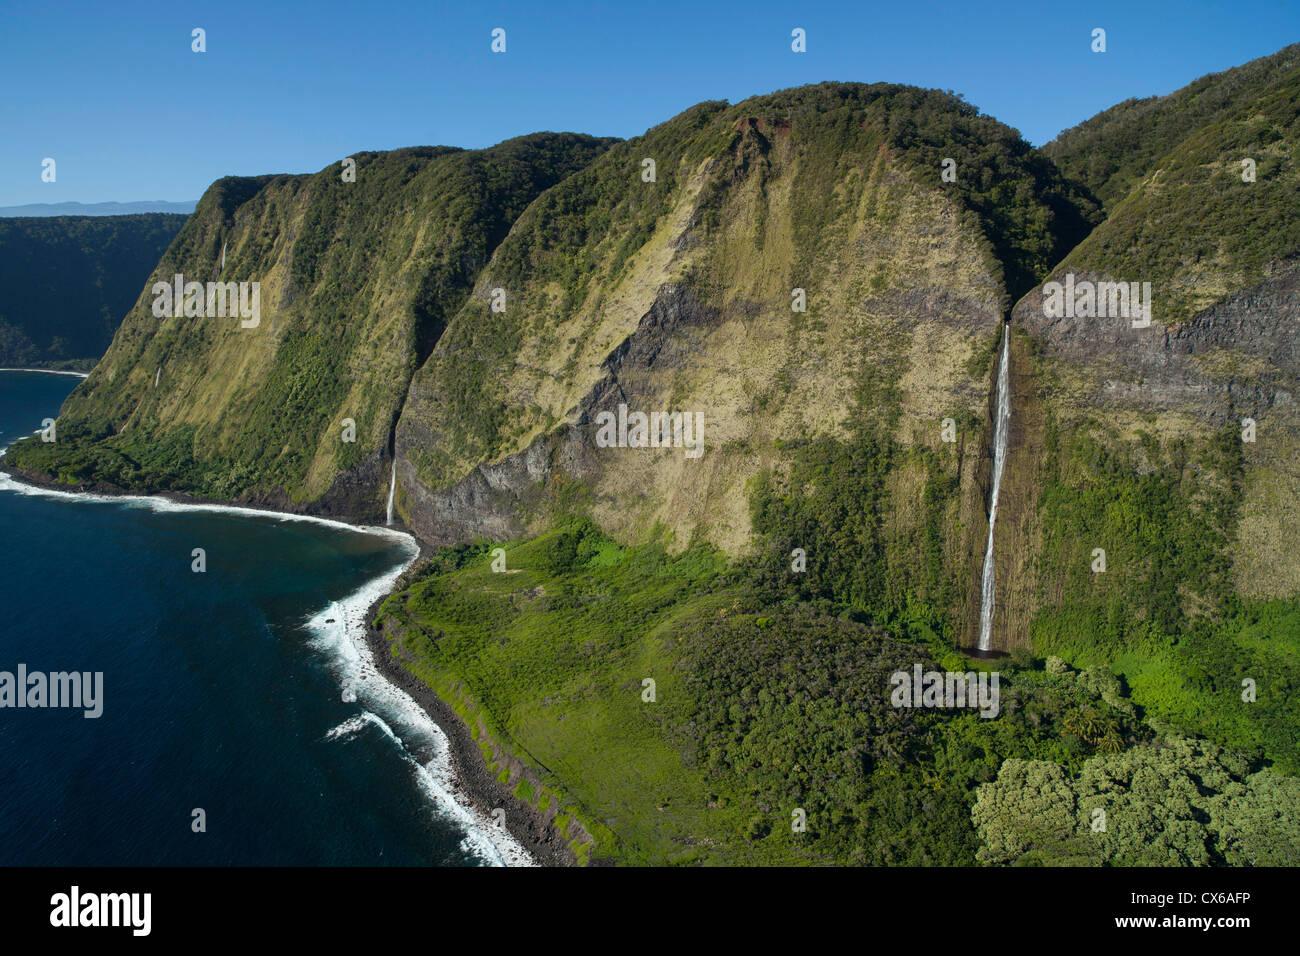 Waterfalls, North Kohala Coast, Big Island of Hawaii - Stock Image